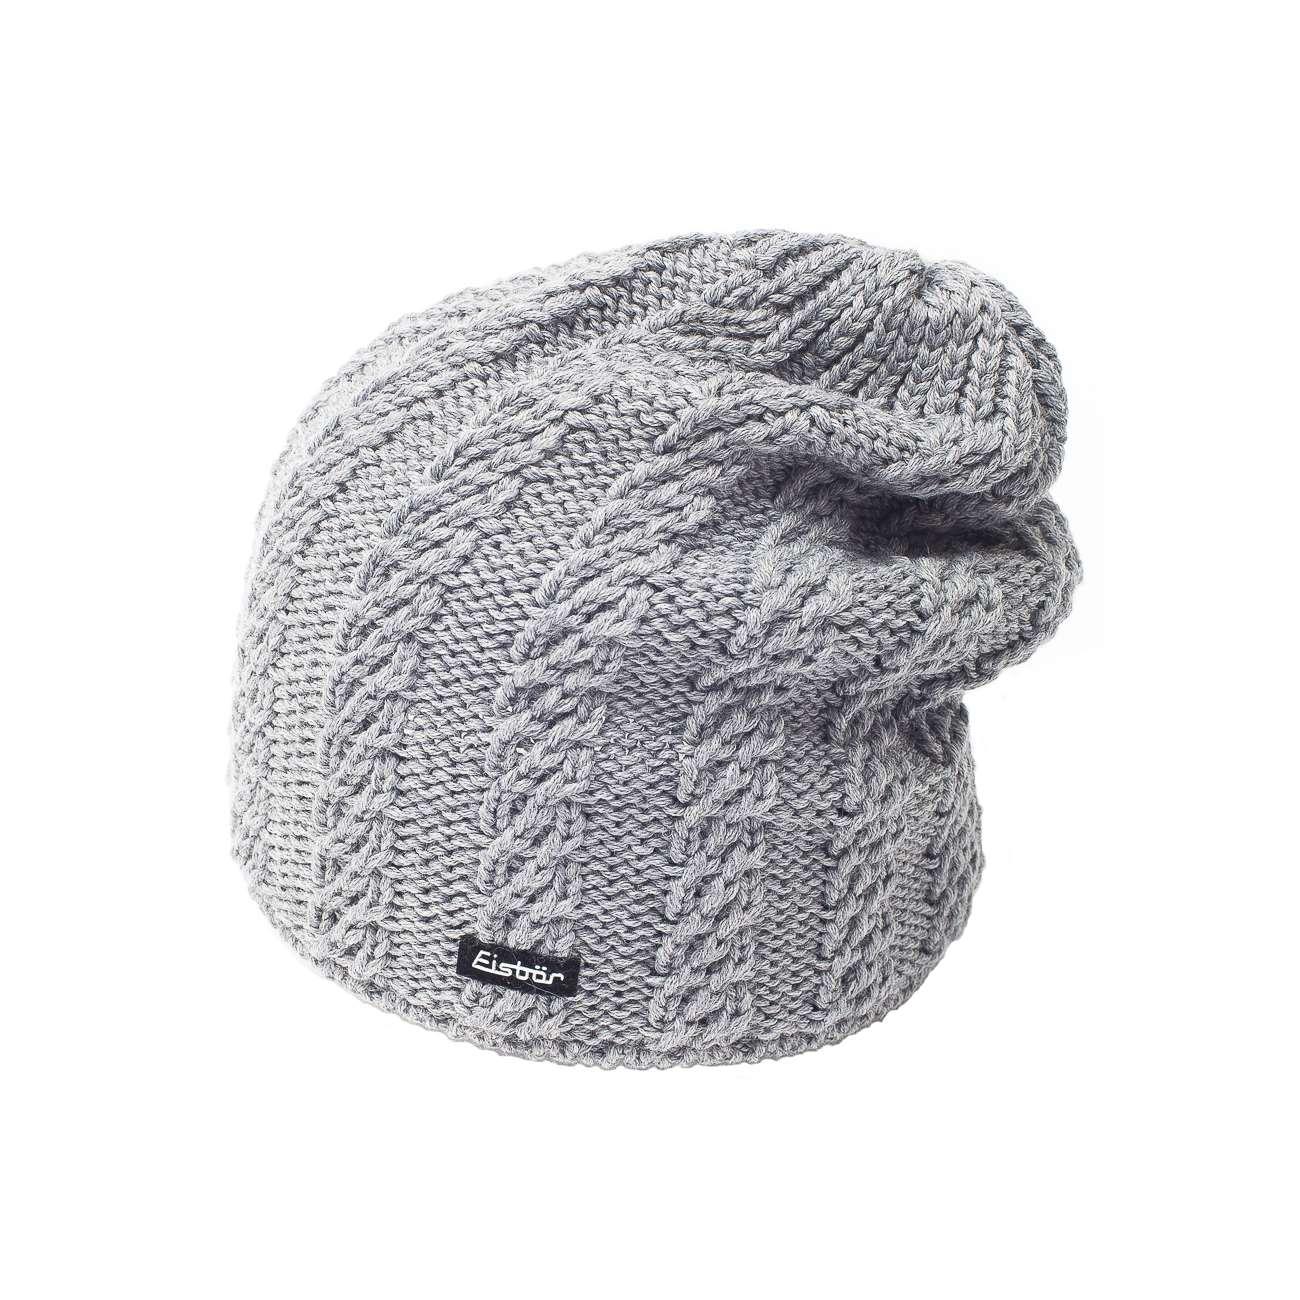 1a151179635b Bonnet long homme bonnet grosse maille   Rlobato